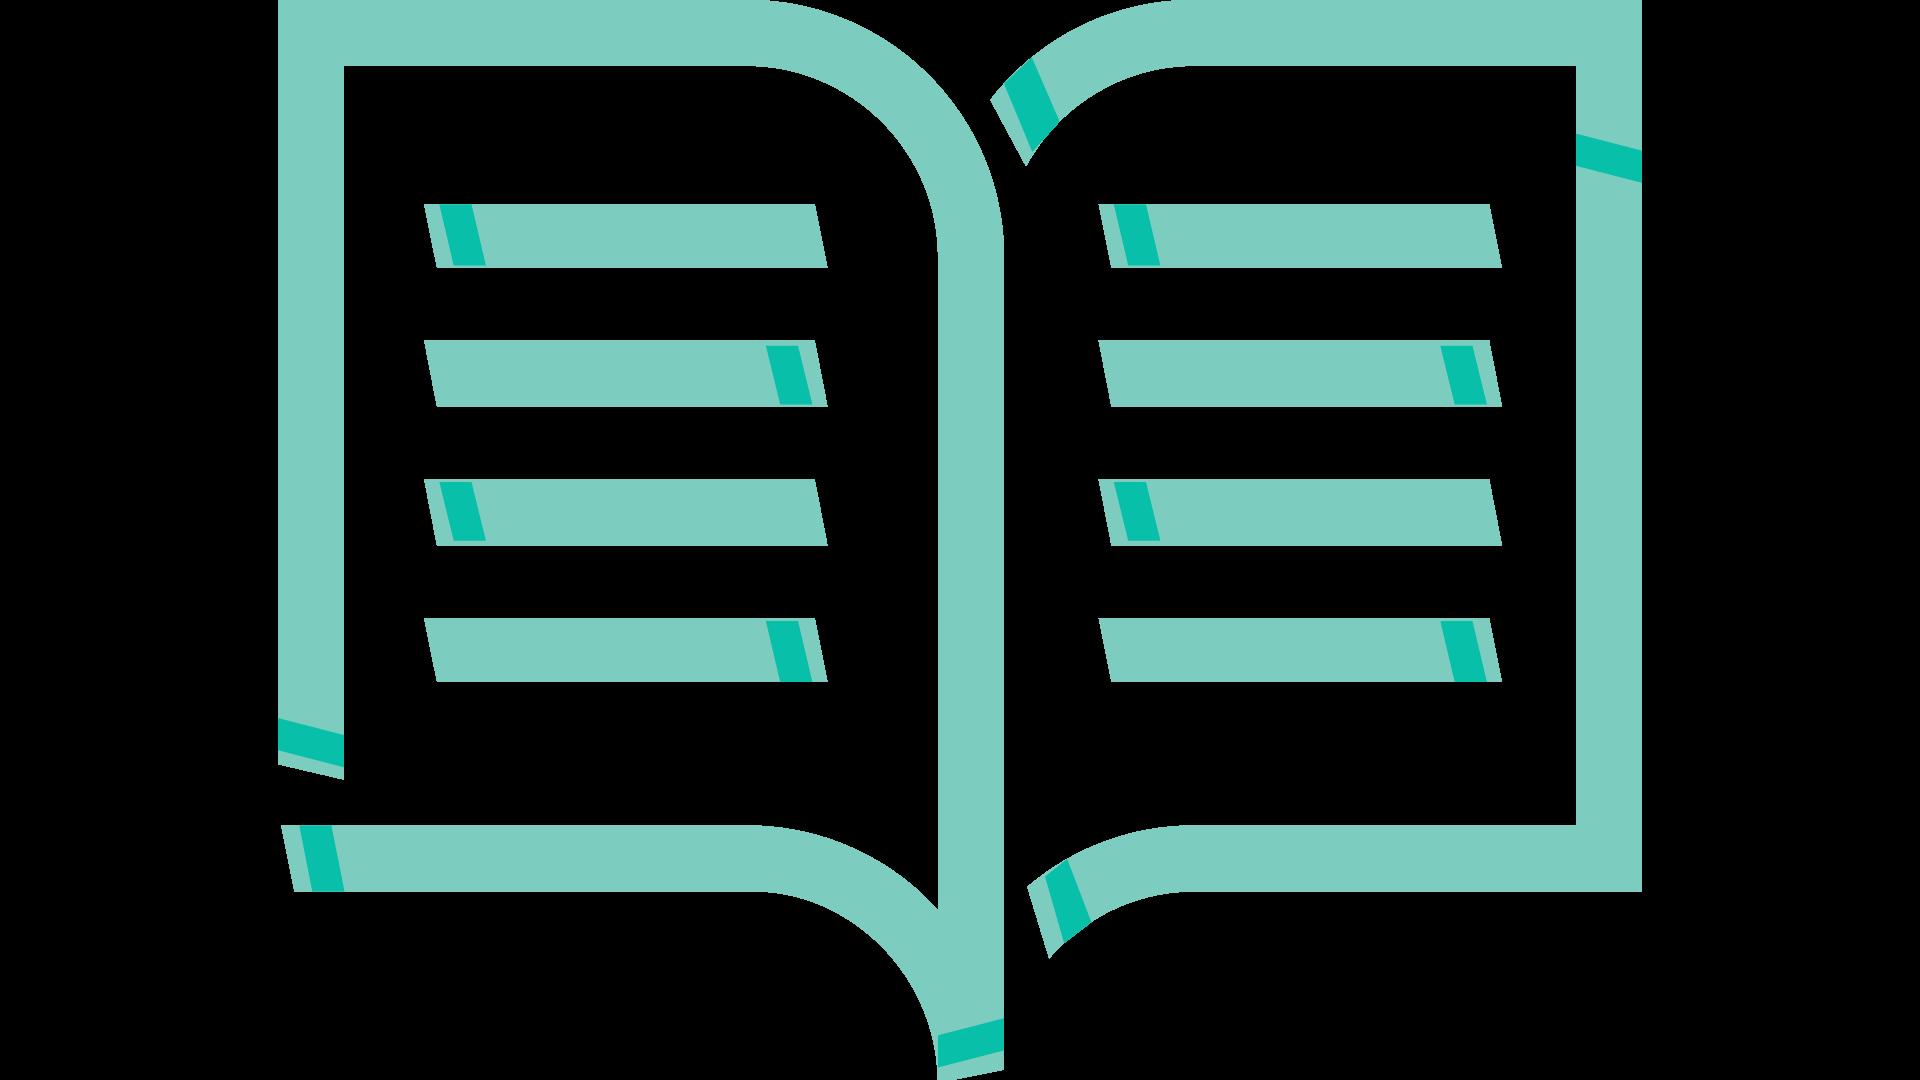 ספרי המתמטיקה של יואל גבע